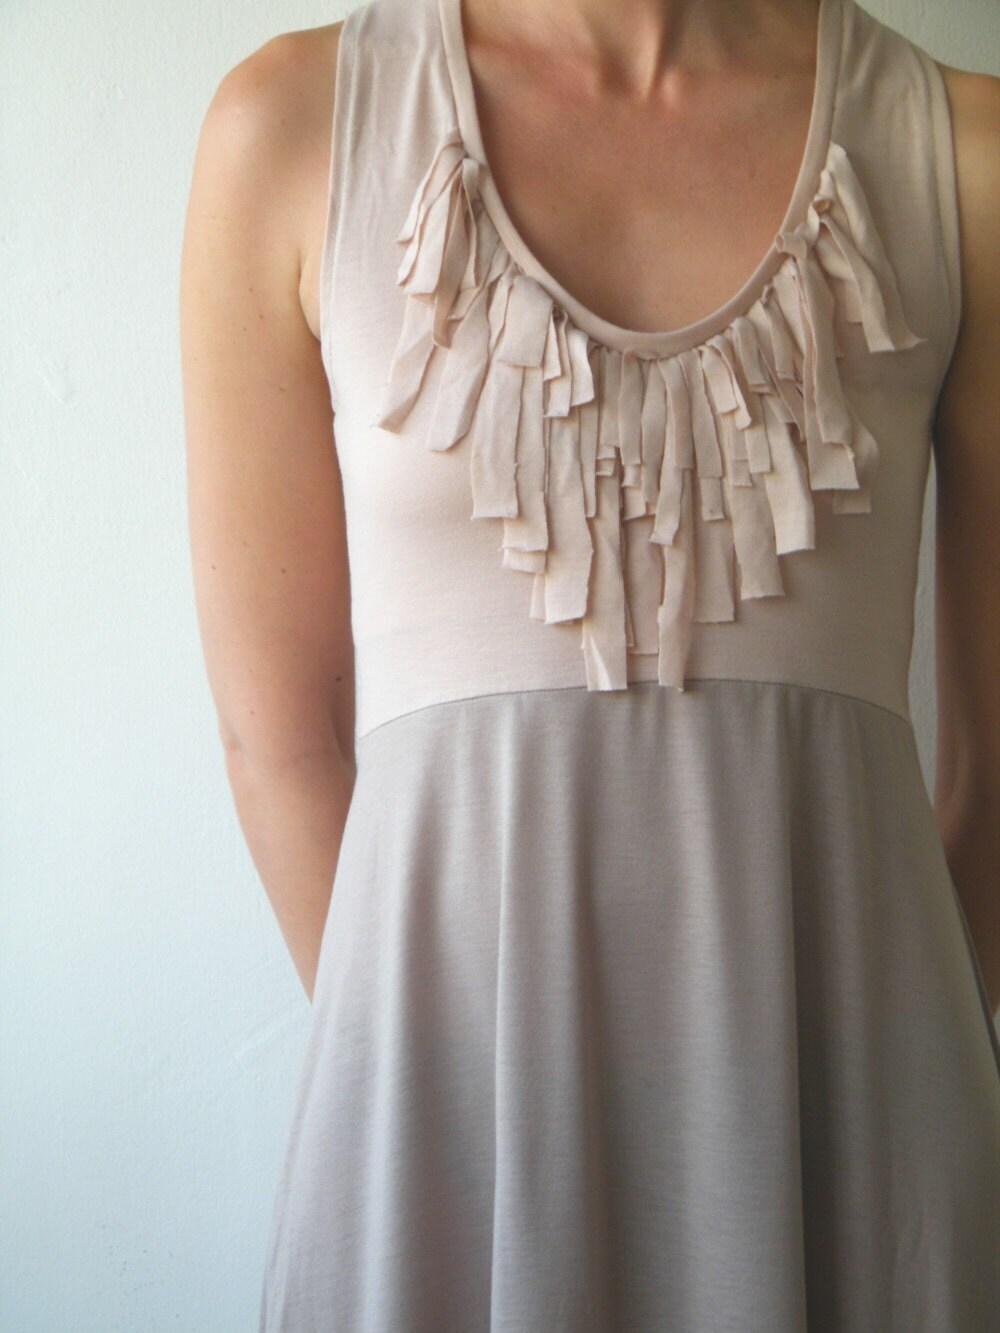 Fringe dress  sleeveless beige and powder pink by MyLolaFashion from etsy.com